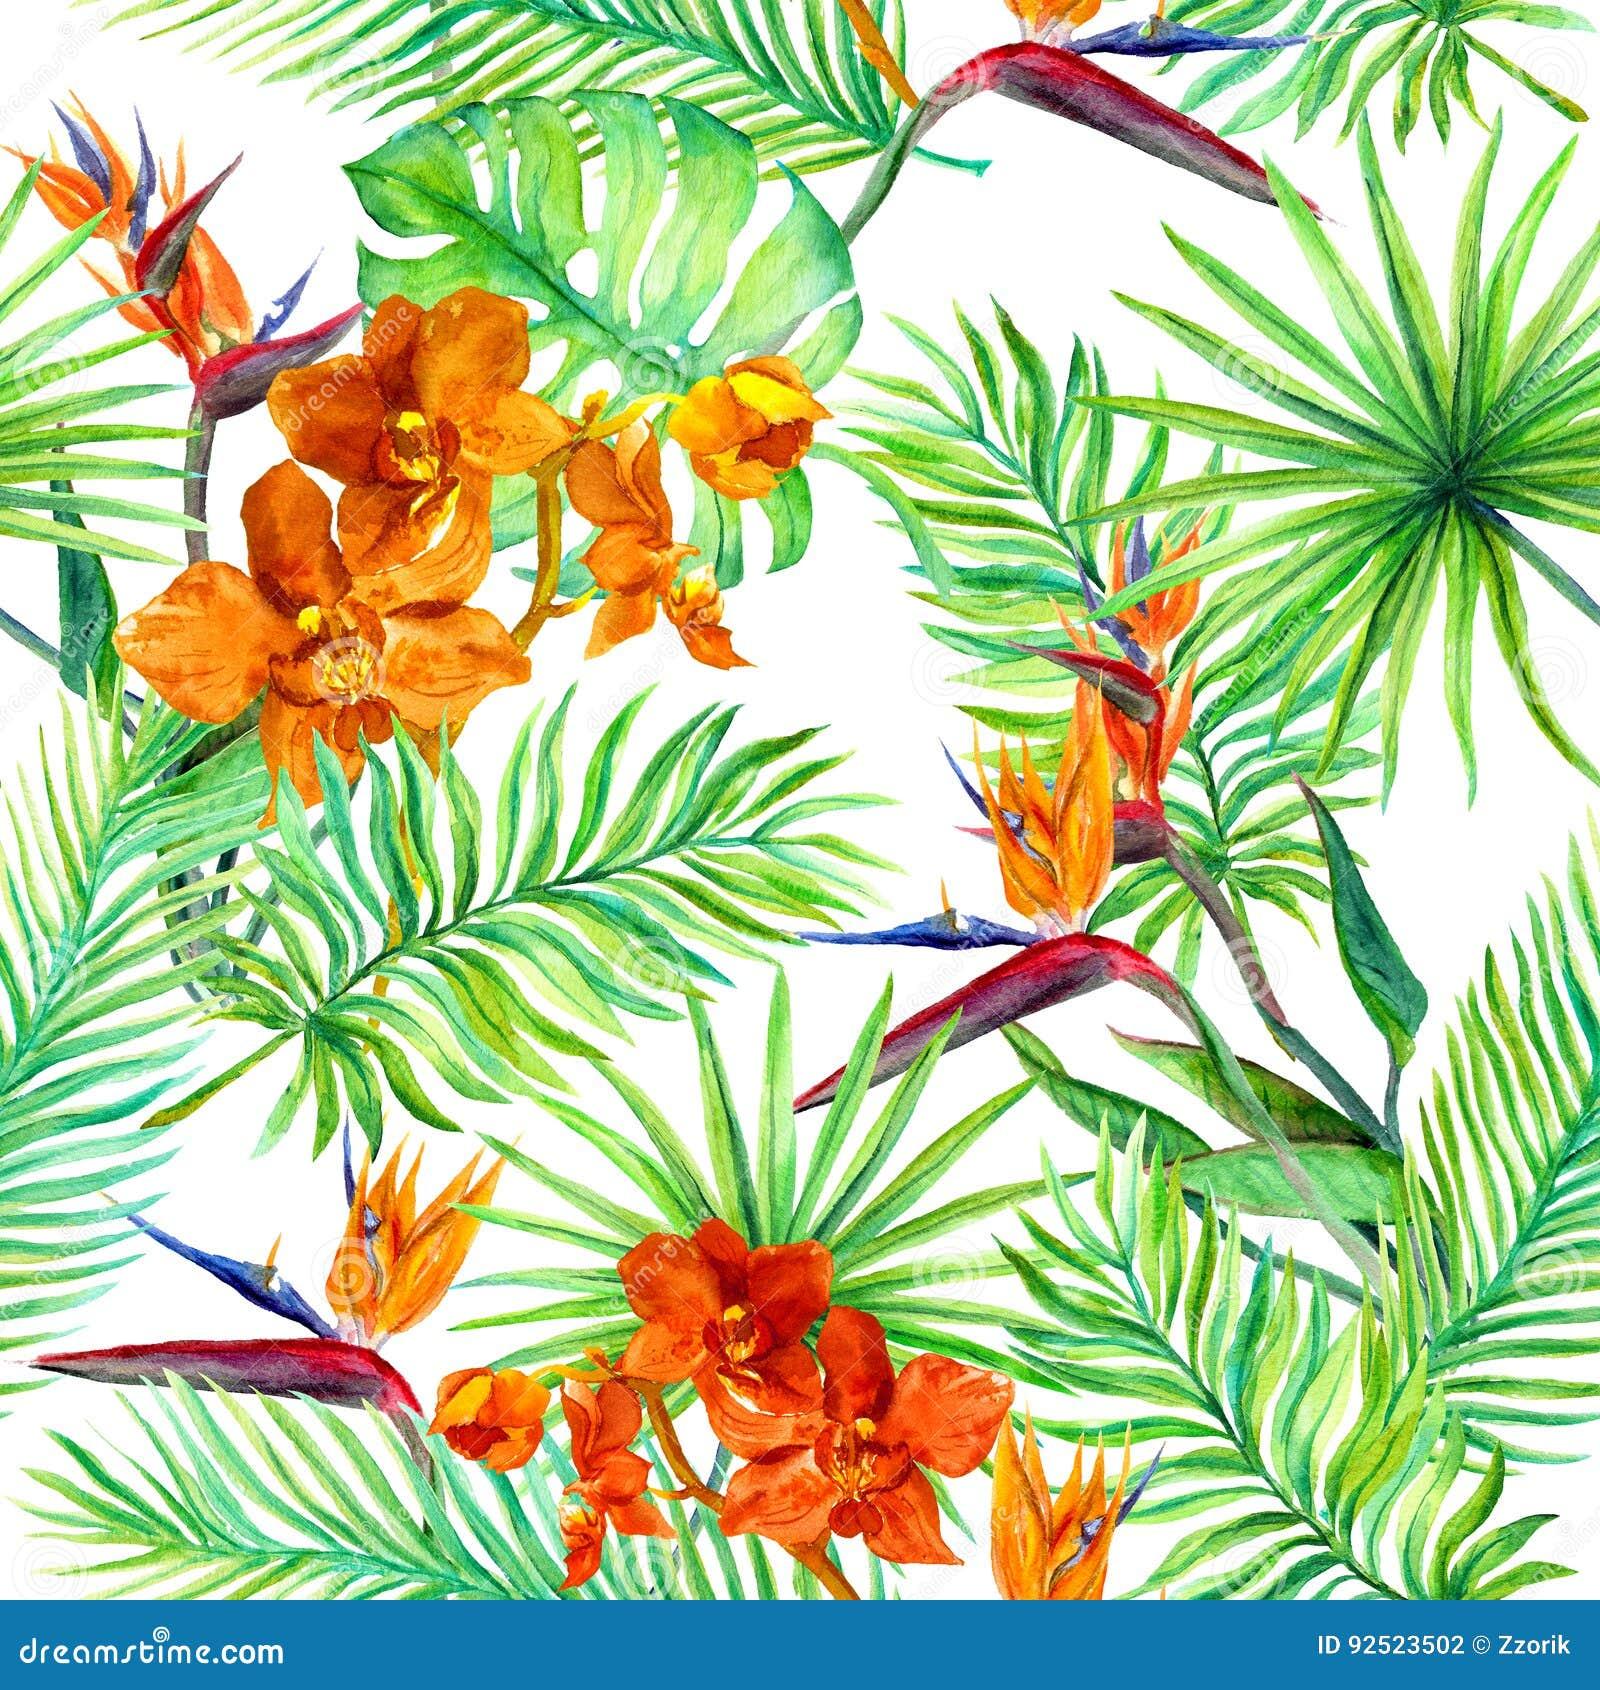 la forêt tropicale part, les fleurs exotiques - orchidée sauvage